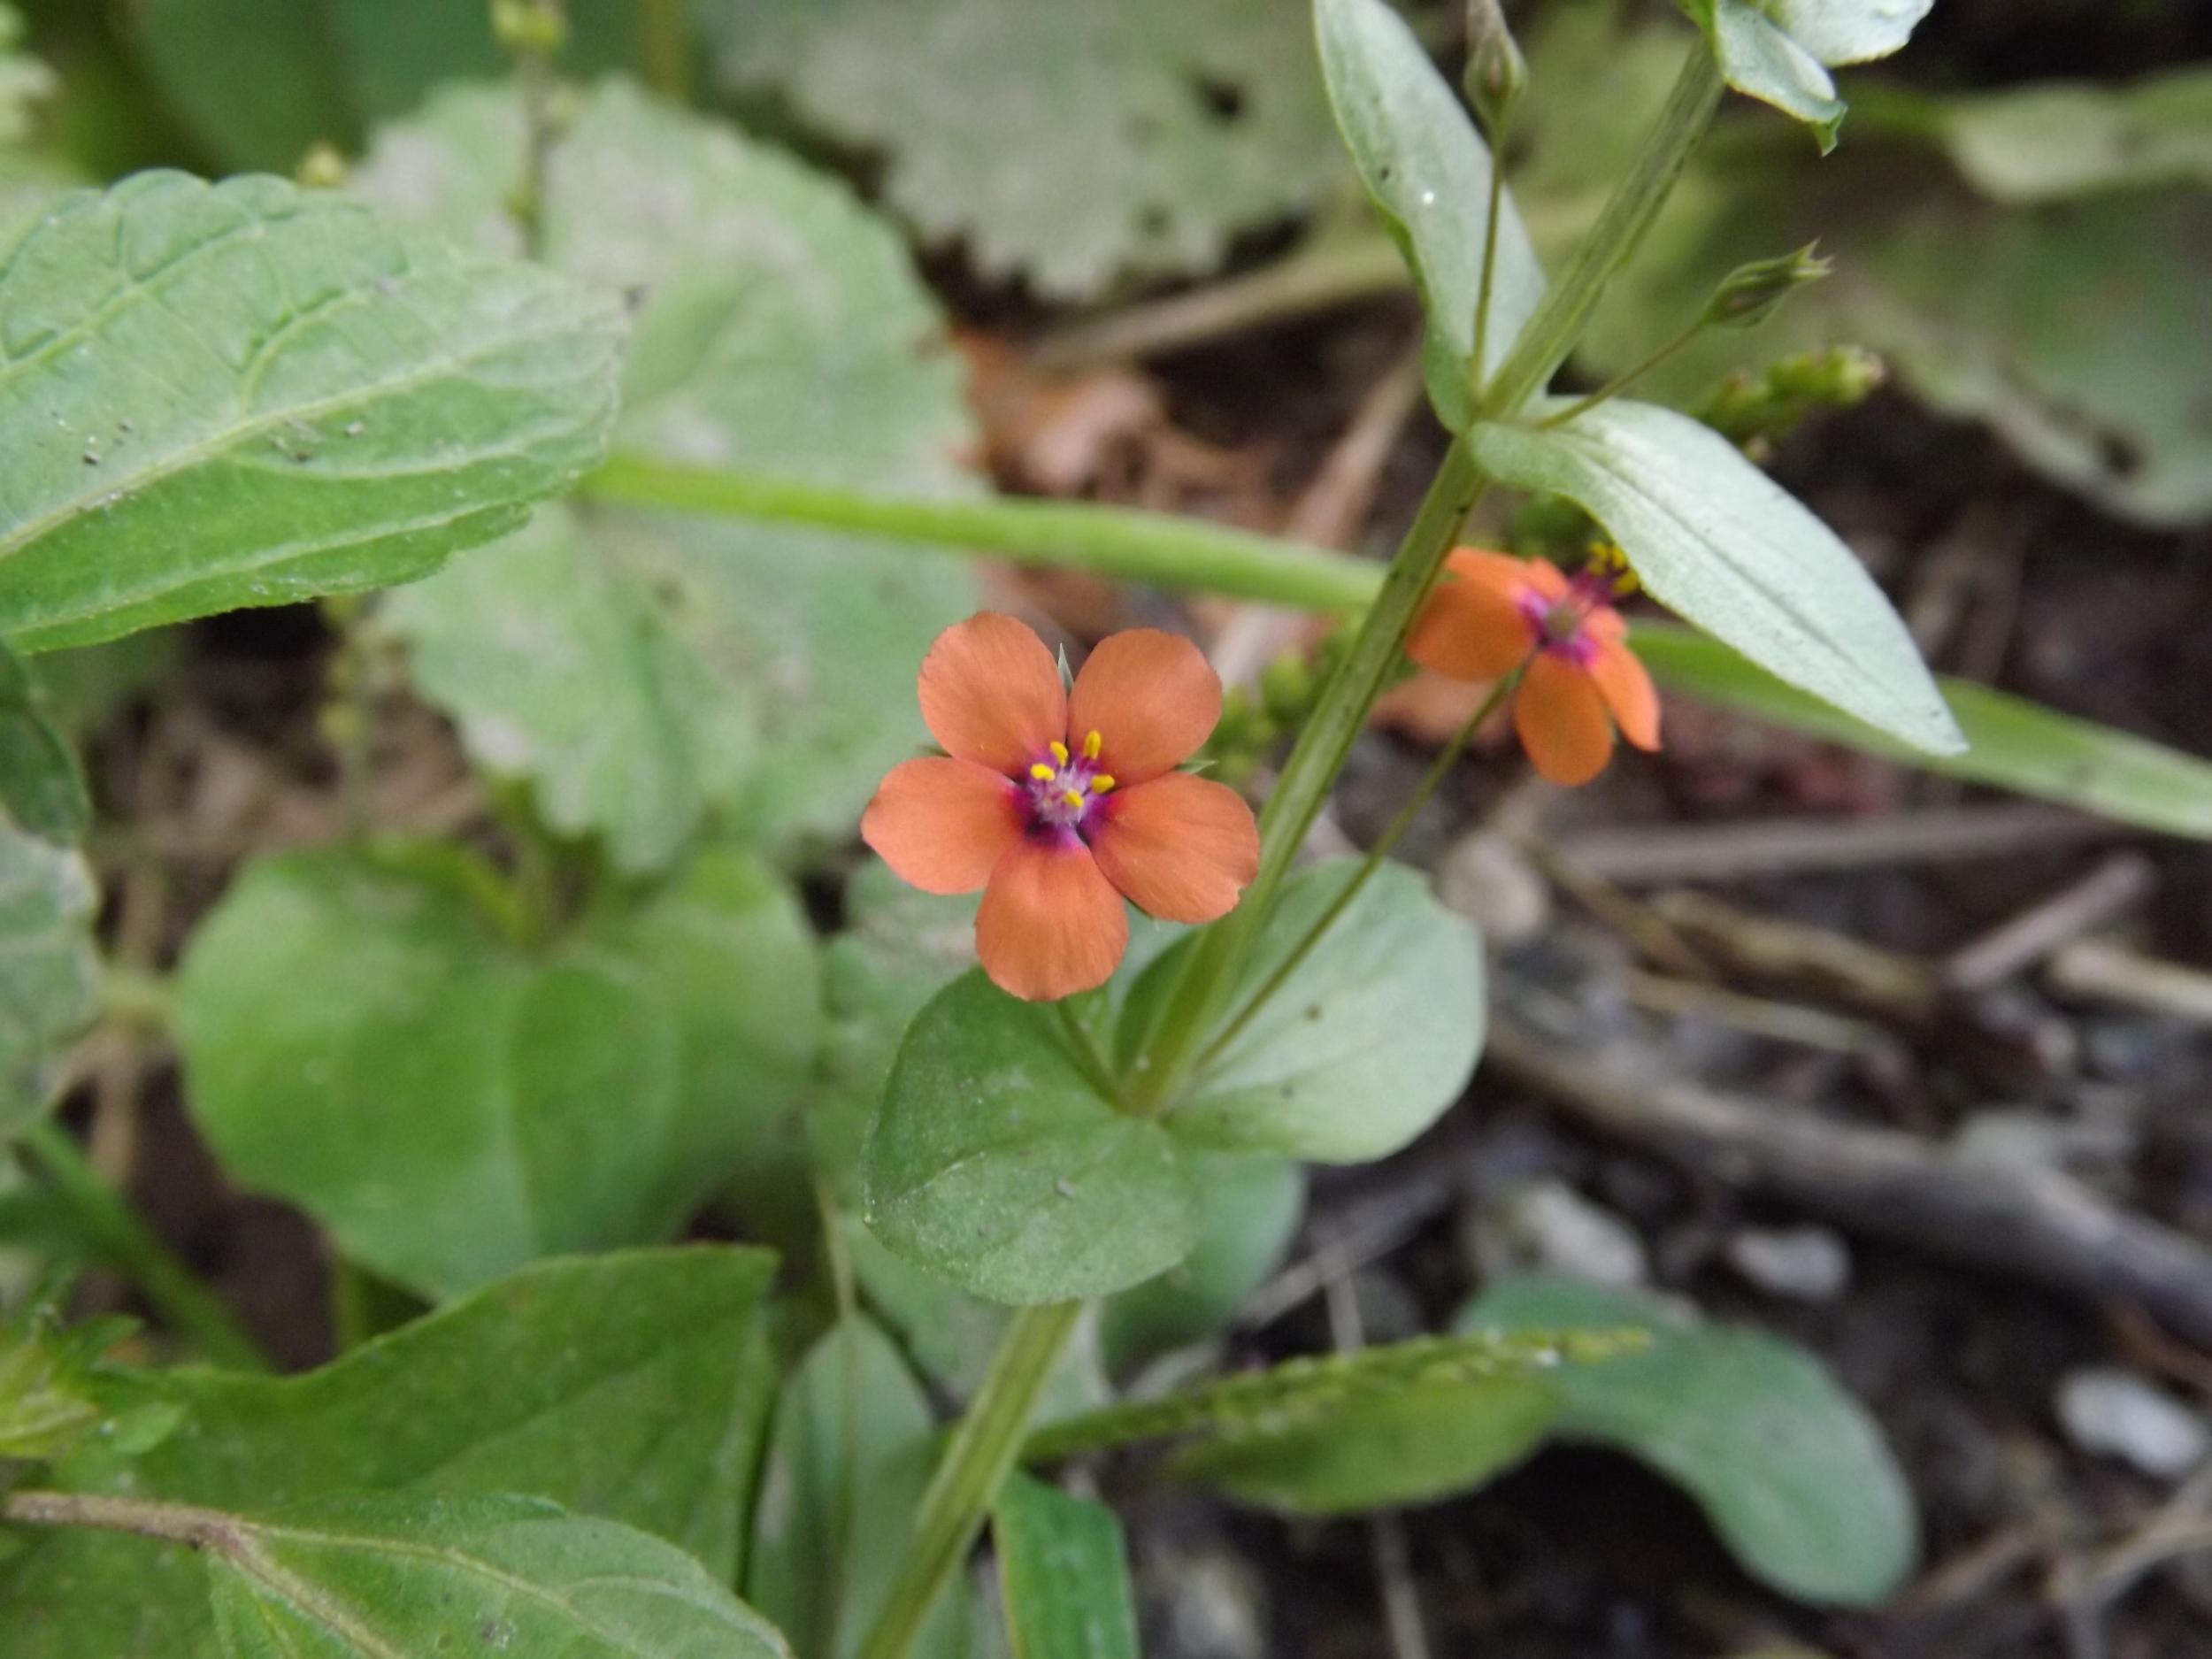 Scarlet Pimpernel ( Anagallis arvensis ) Non-Native